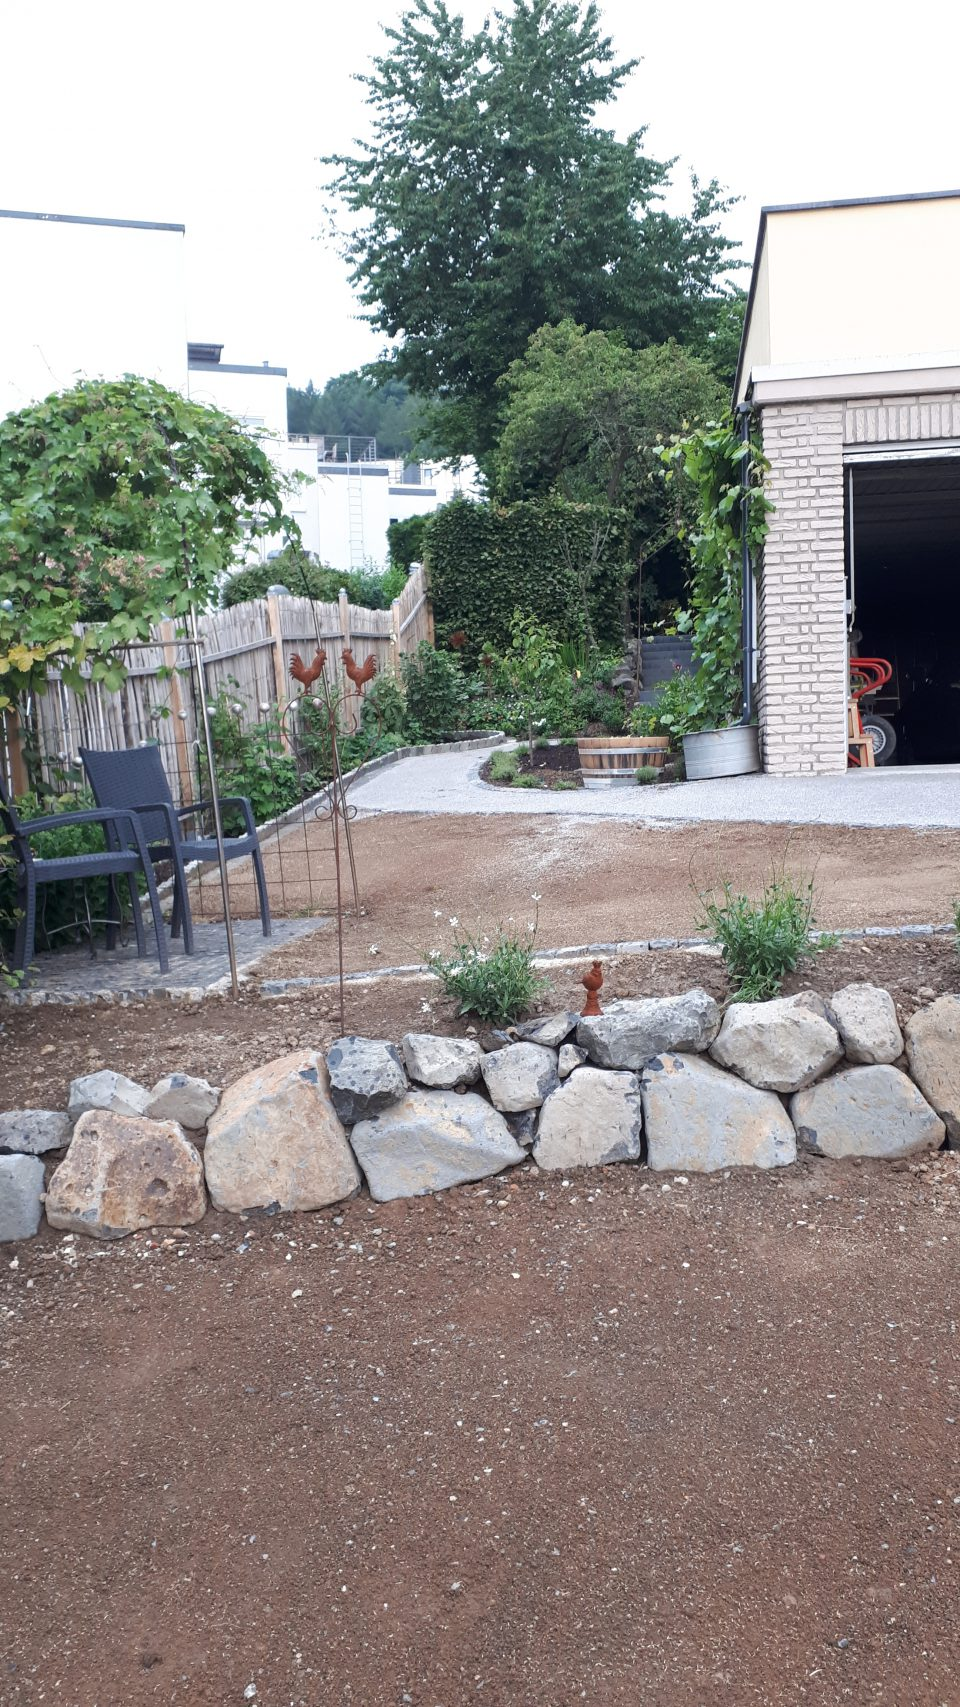 Der romantische Sitzplatz zwischen weißem Garten und Küchengarten ist ganz frisch angelegt